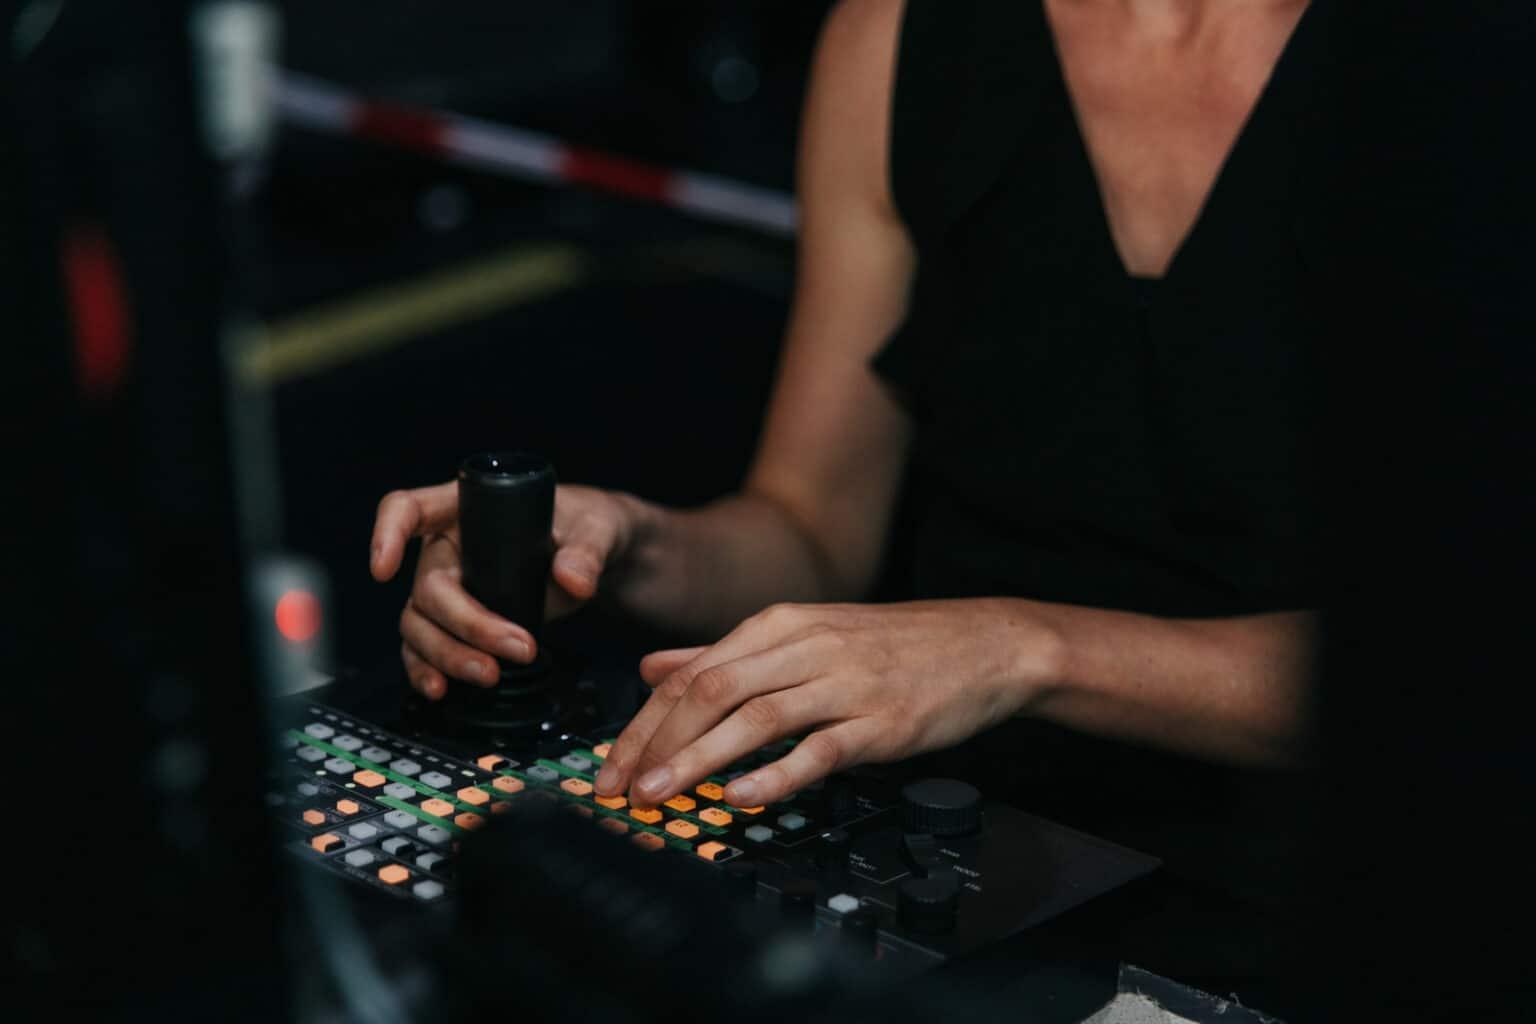 Bedienpanel einer Remote Kamera